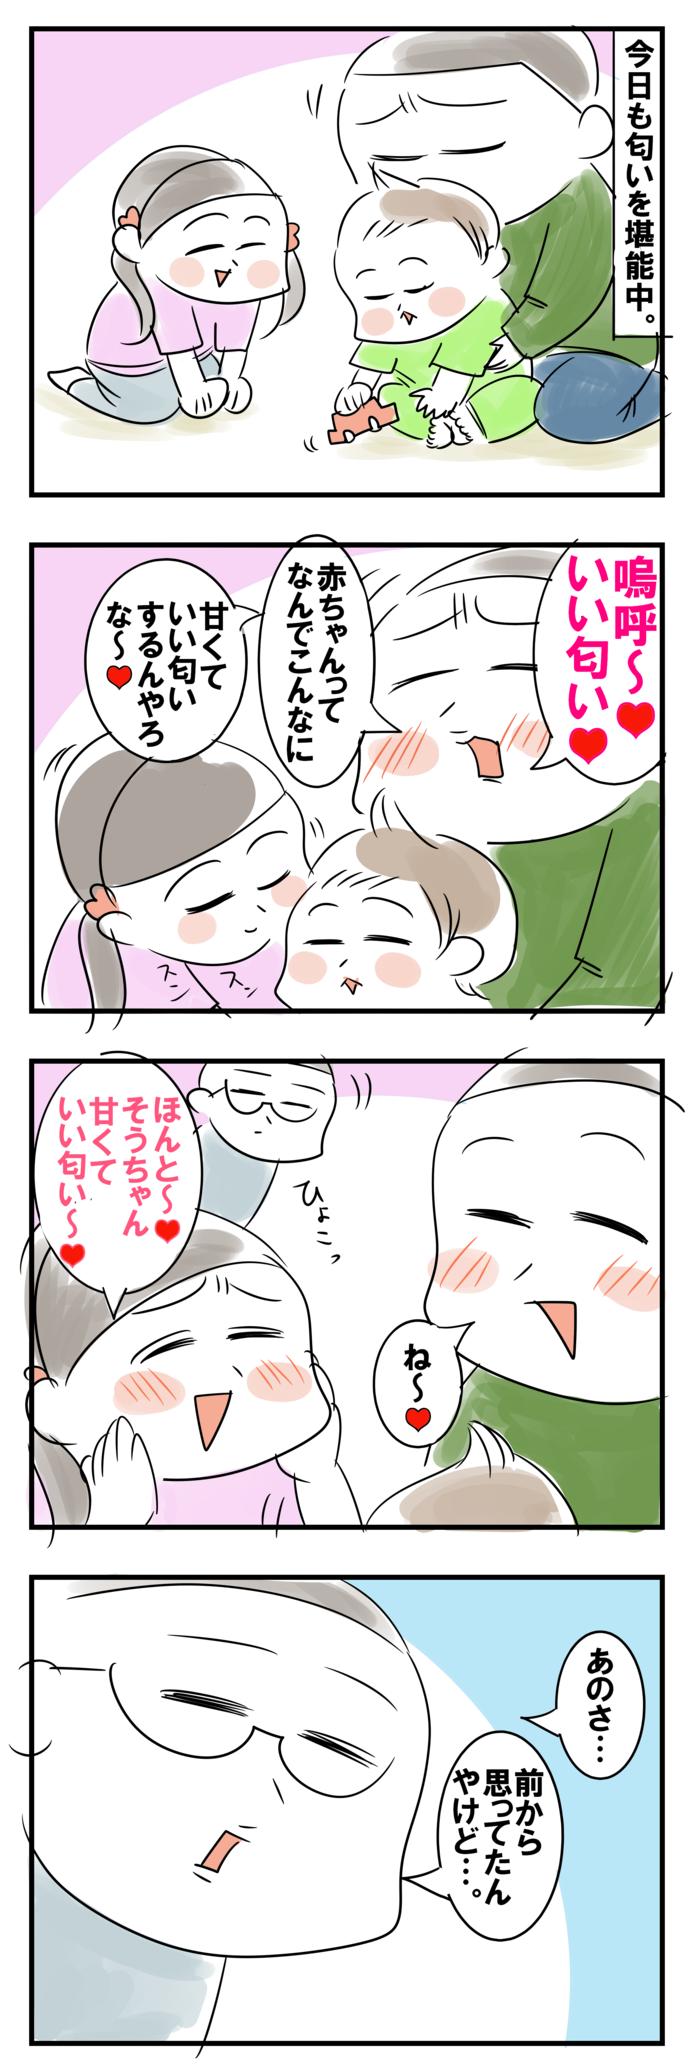 赤ちゃんっていい匂い♡盛り上がる母と娘に、父が衝撃のひとことを放つ!(笑)の画像1